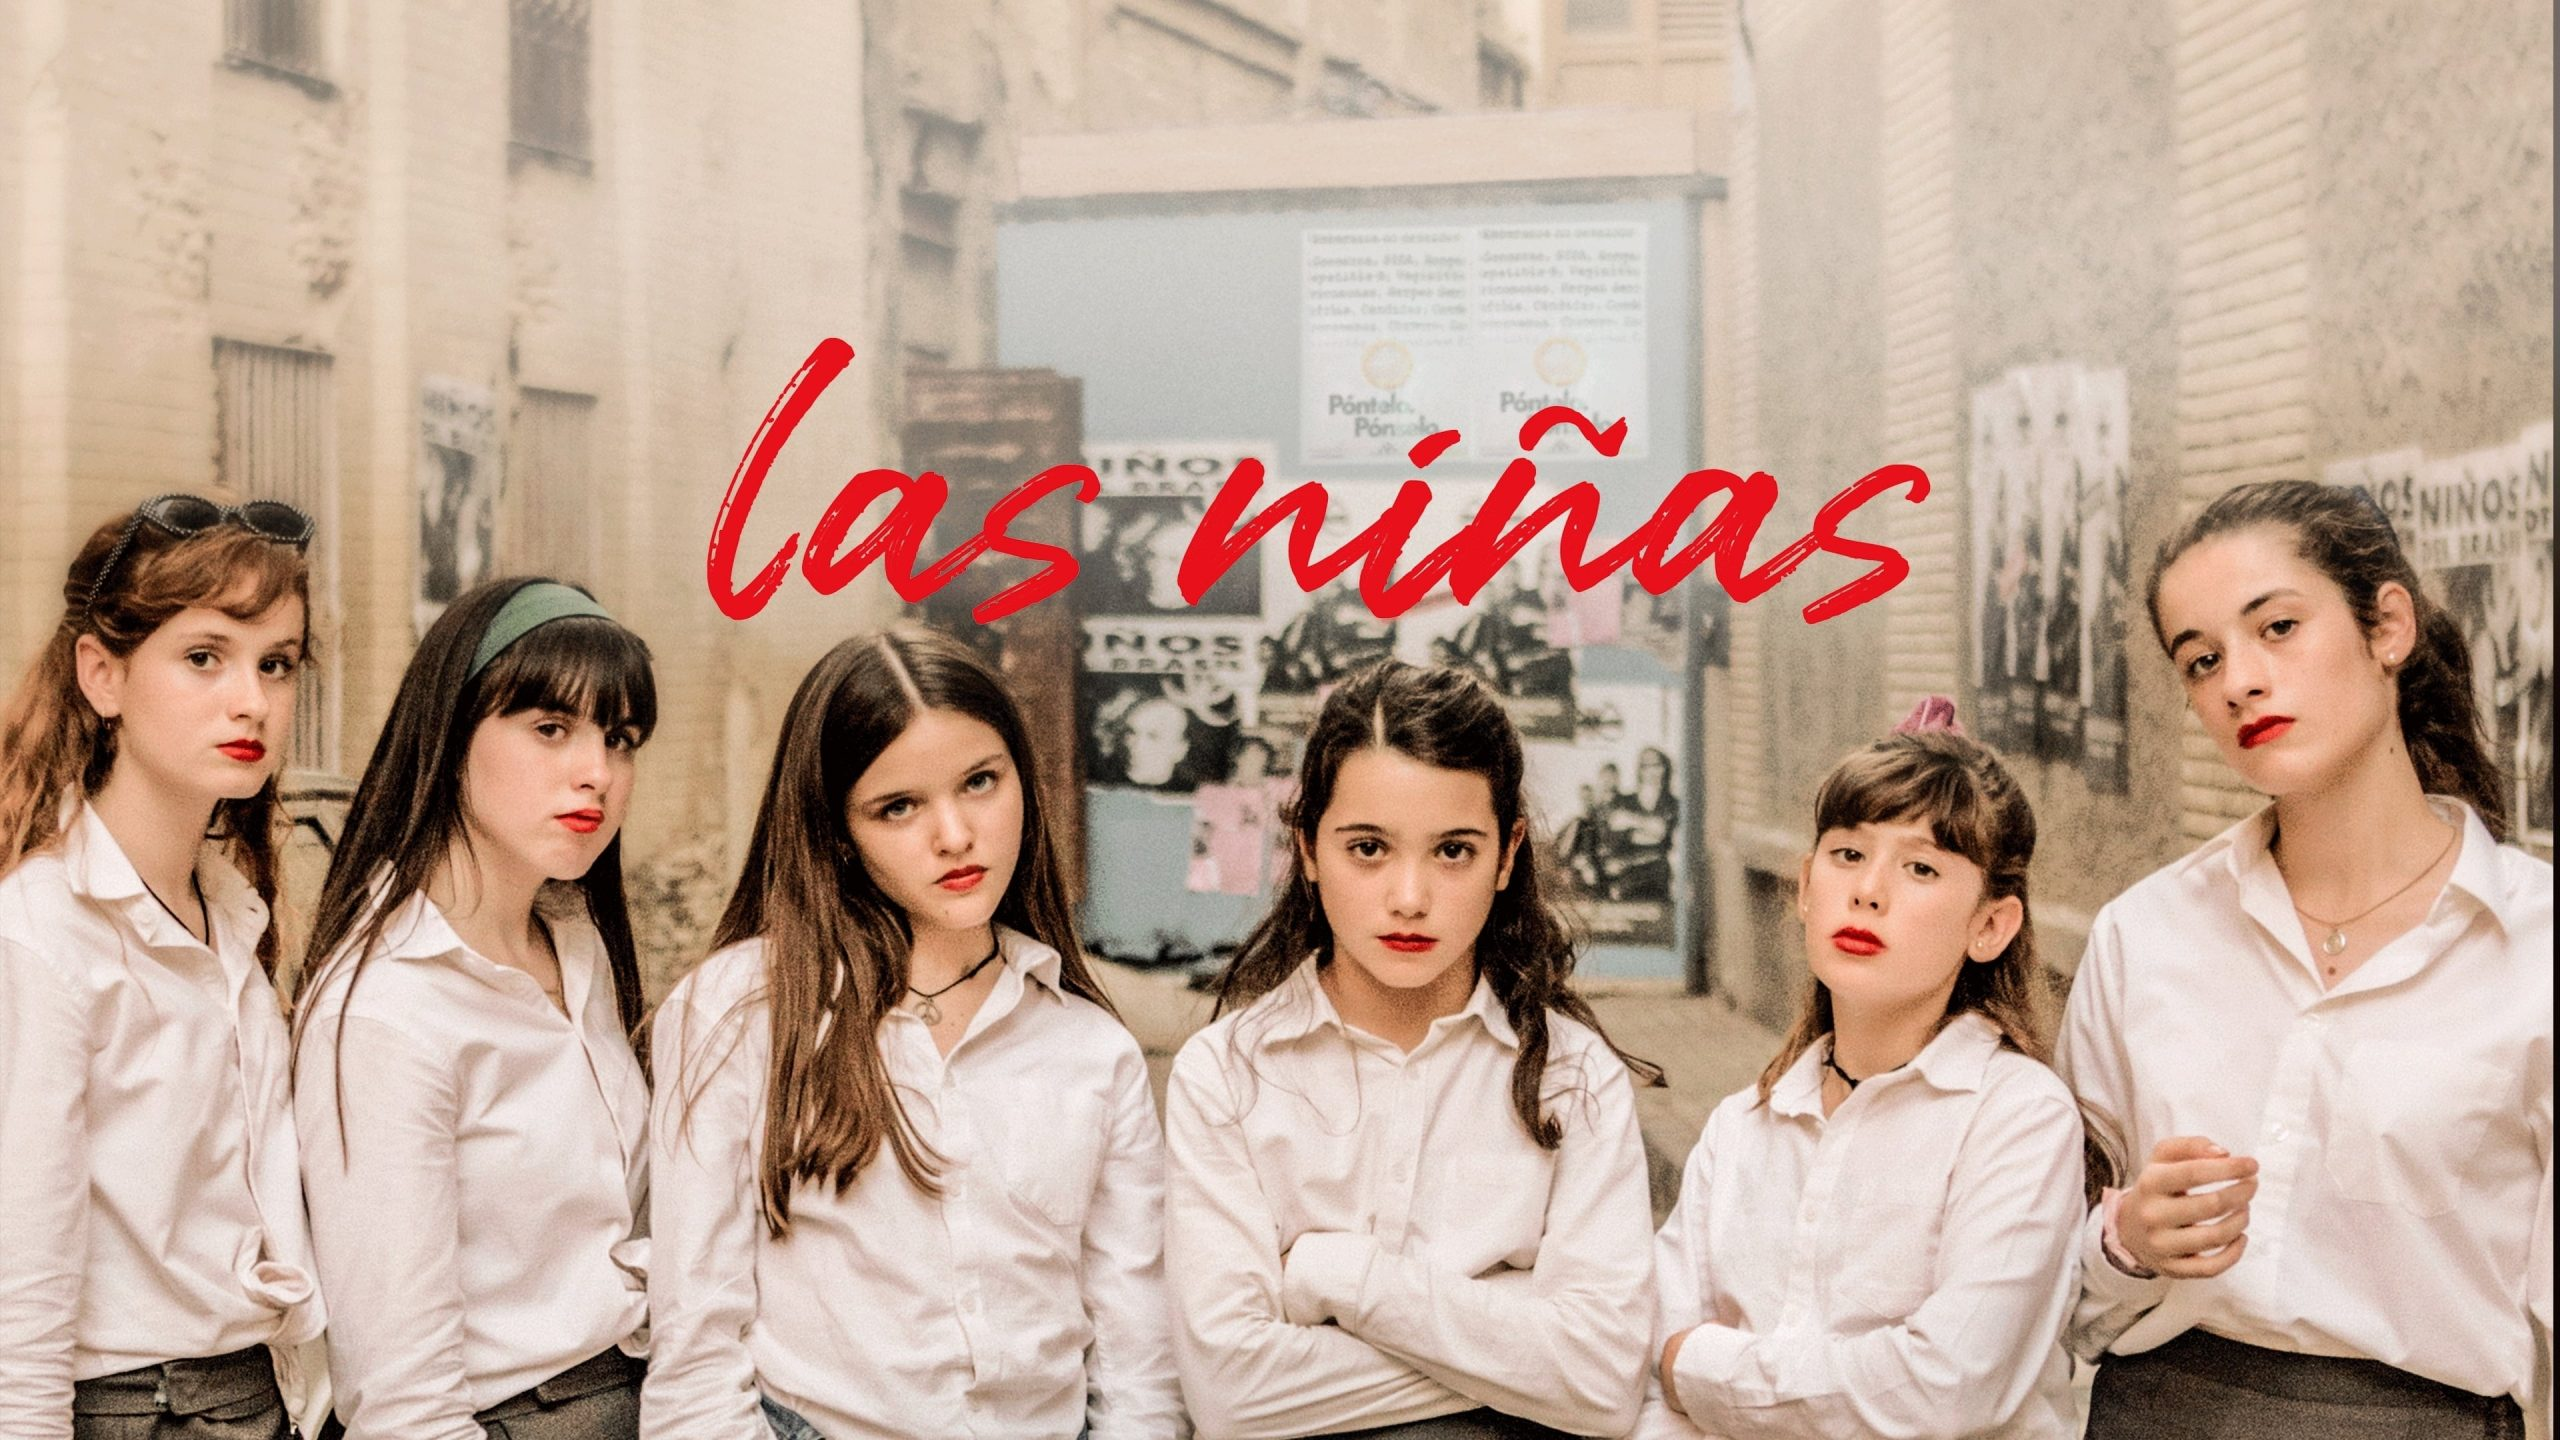 Seis adolescentes vestidas de uniforme